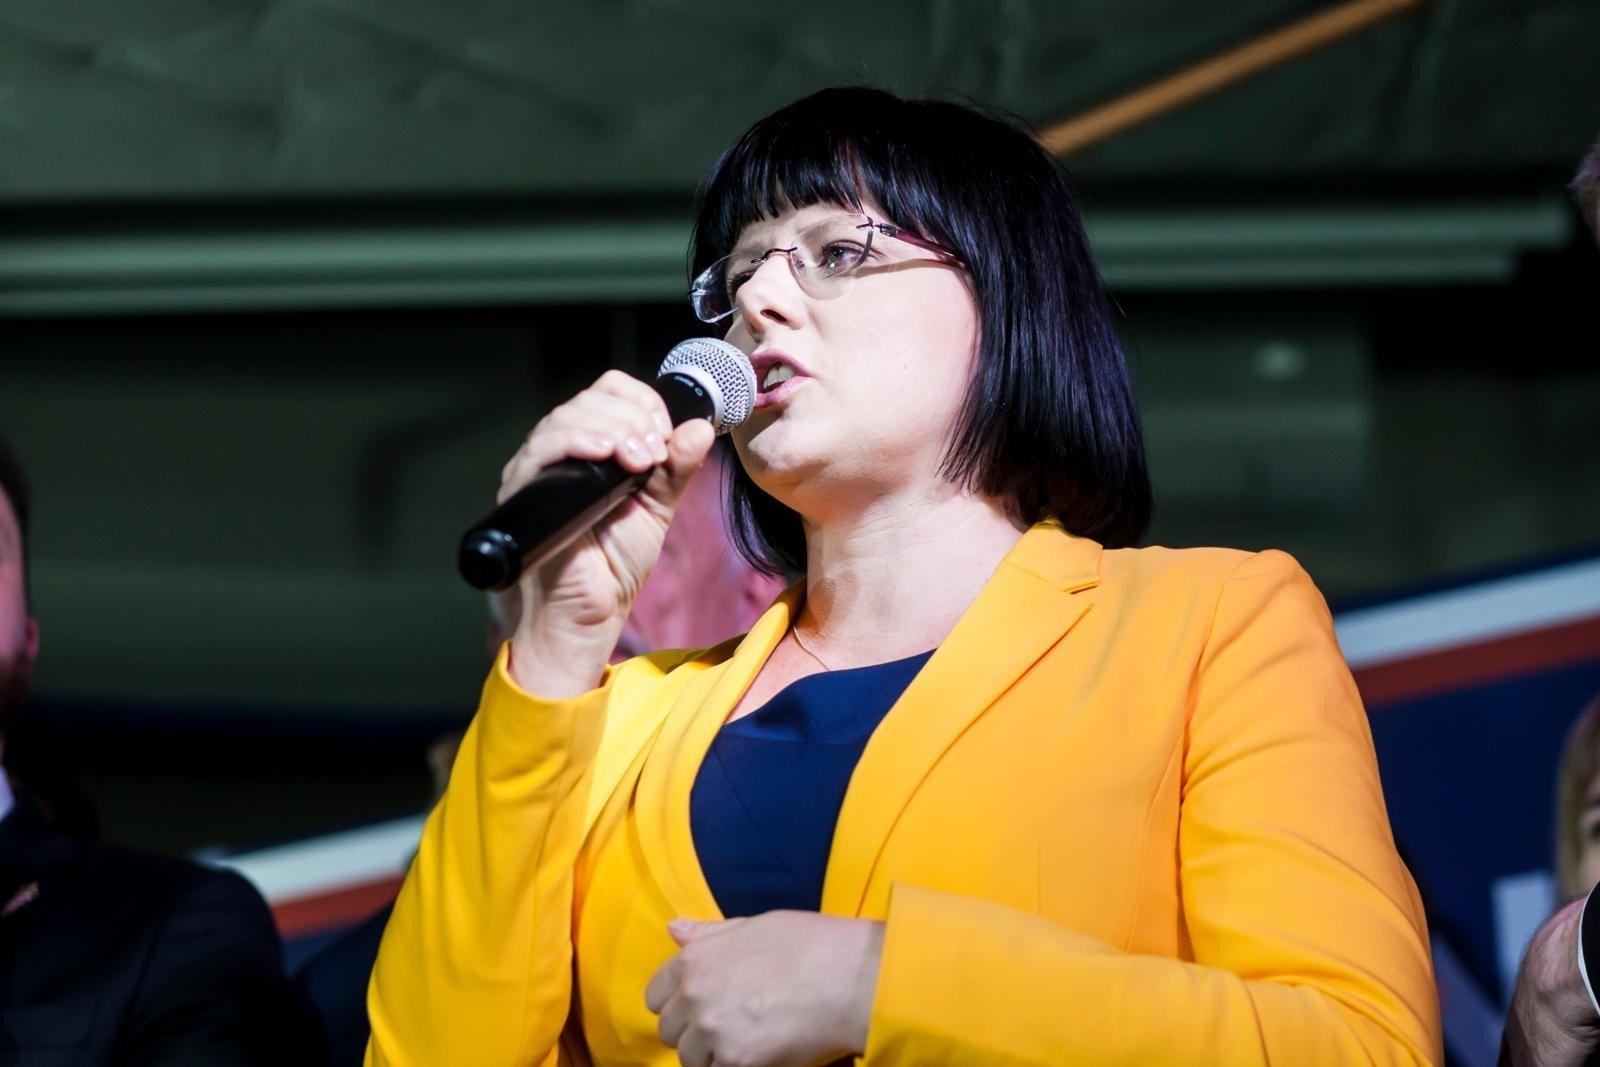 Kaja Godek chce zakazać manifestacji LGBT. Jest gotowy projekt ustawy, trwa zbiórka podpisów | Polska Times